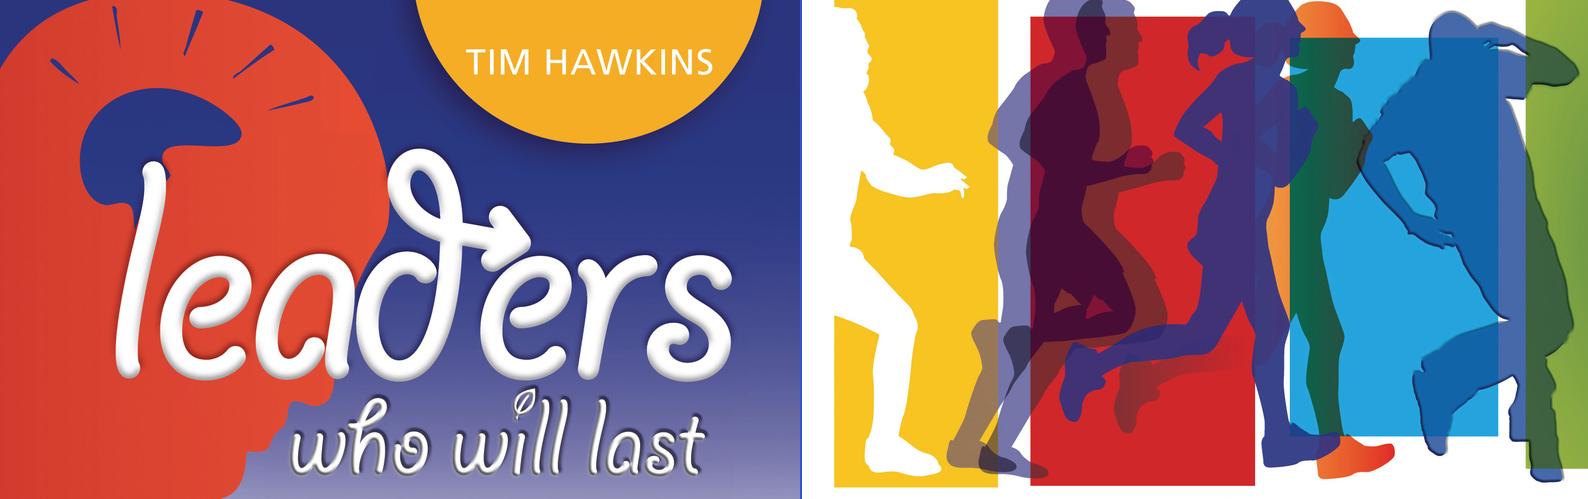 Tim hawkins tour dates in Sydney